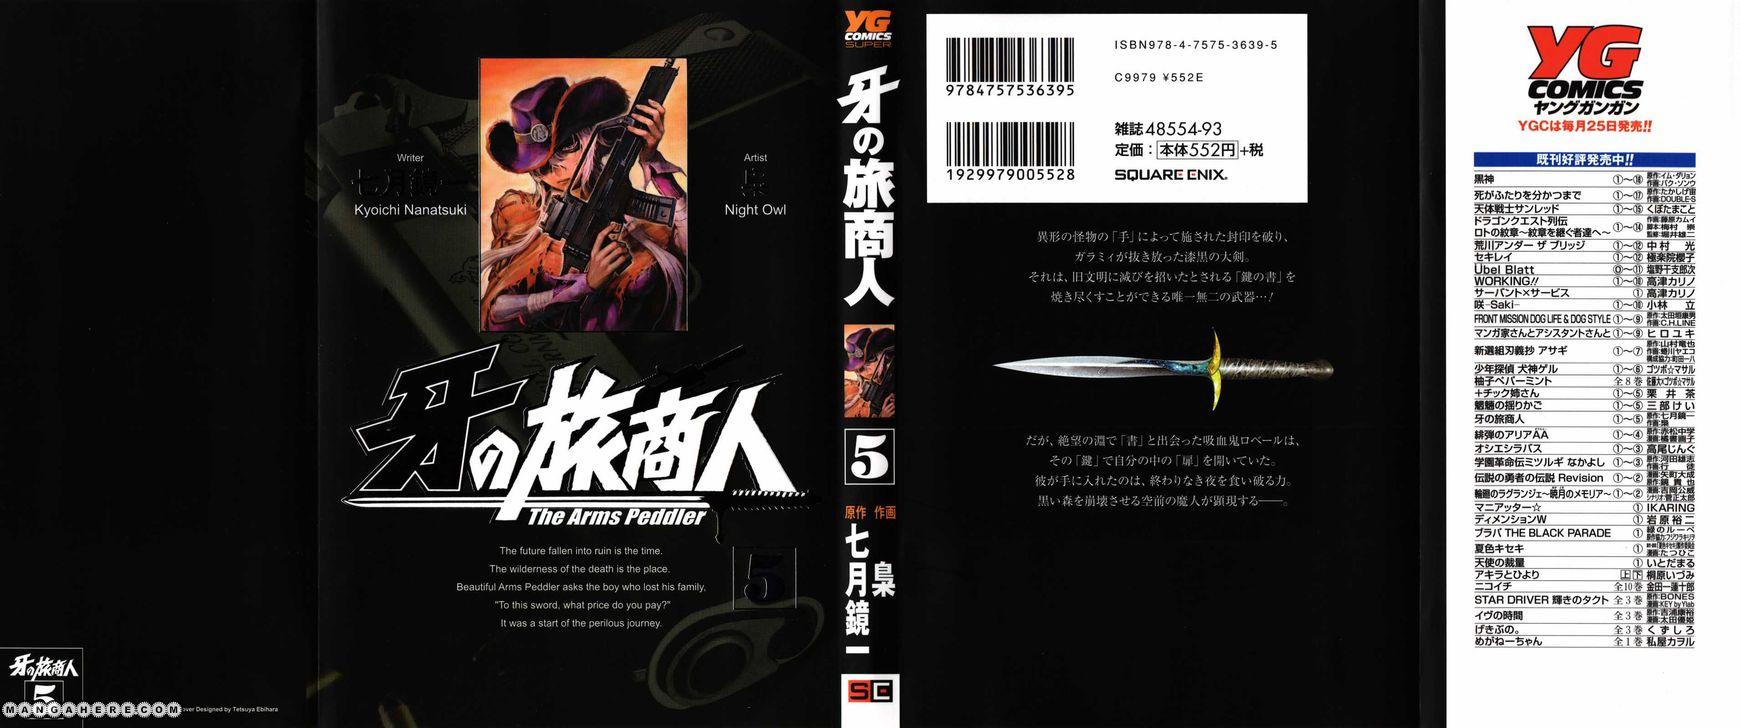 Kiba No Tabishounin The Arms Peddler 31 Page 1